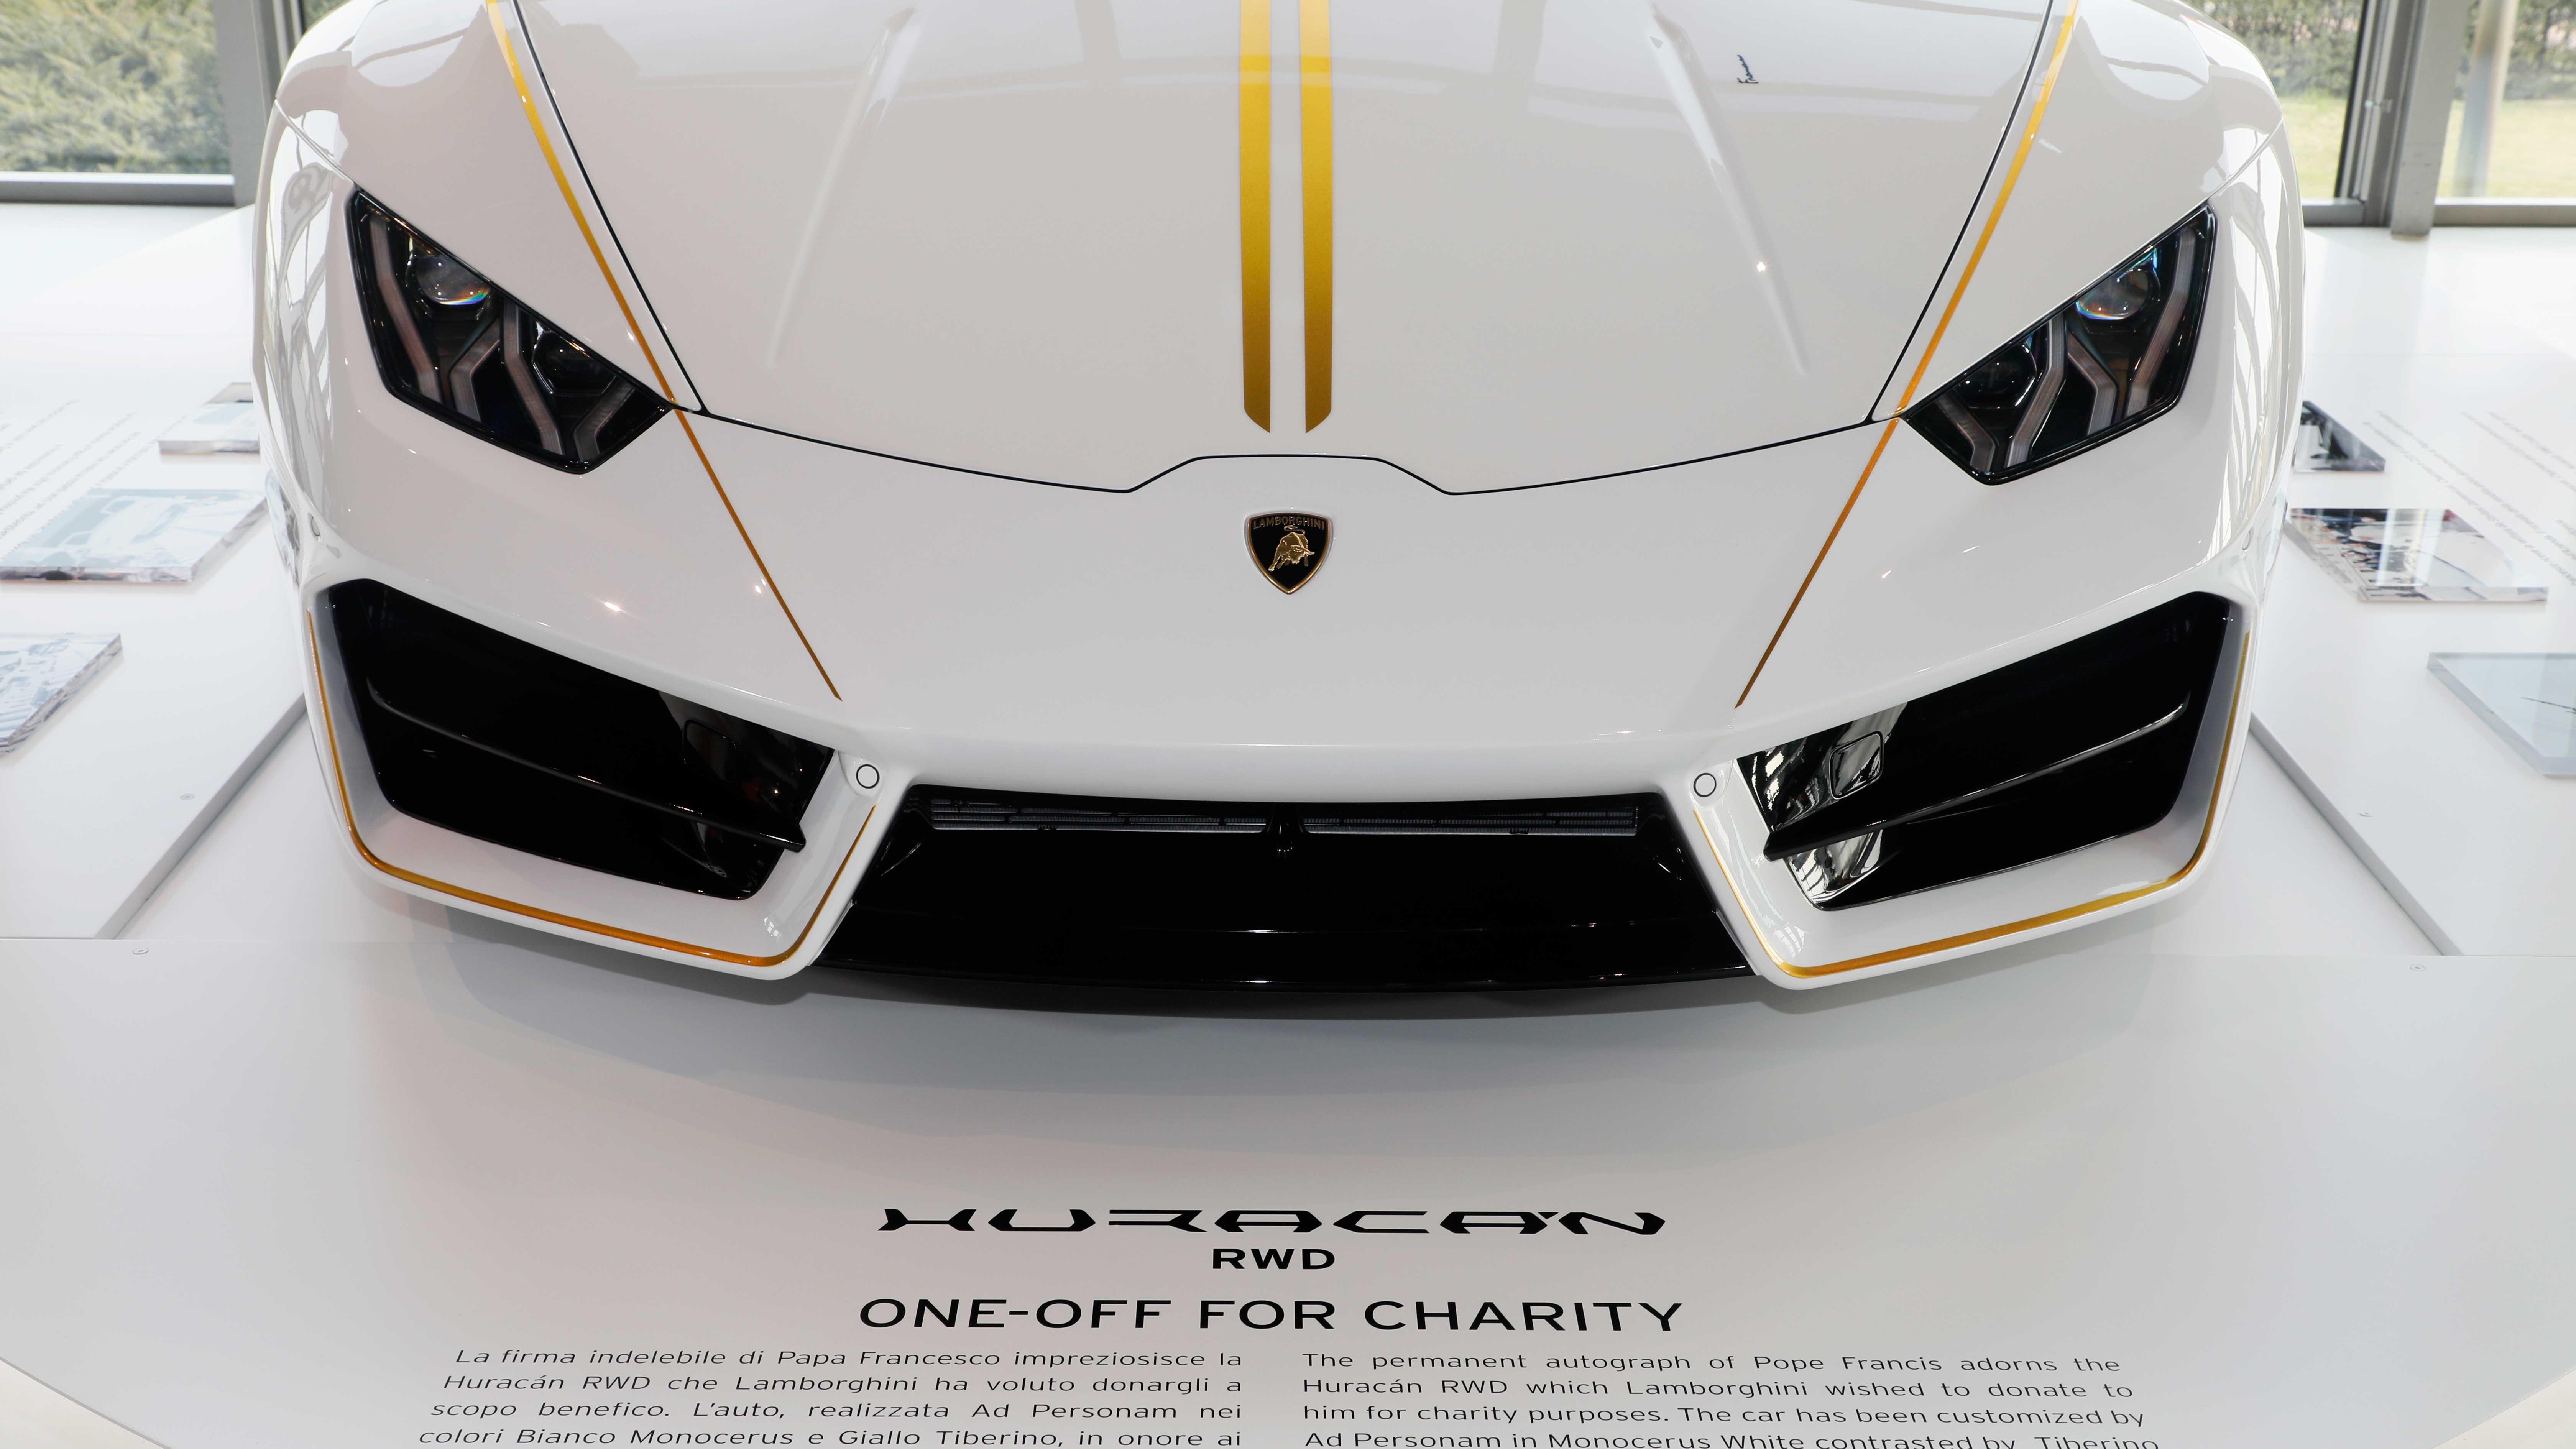 L'Huracán donata a Papa Francesco in esposizione al Museo Lamborghini.